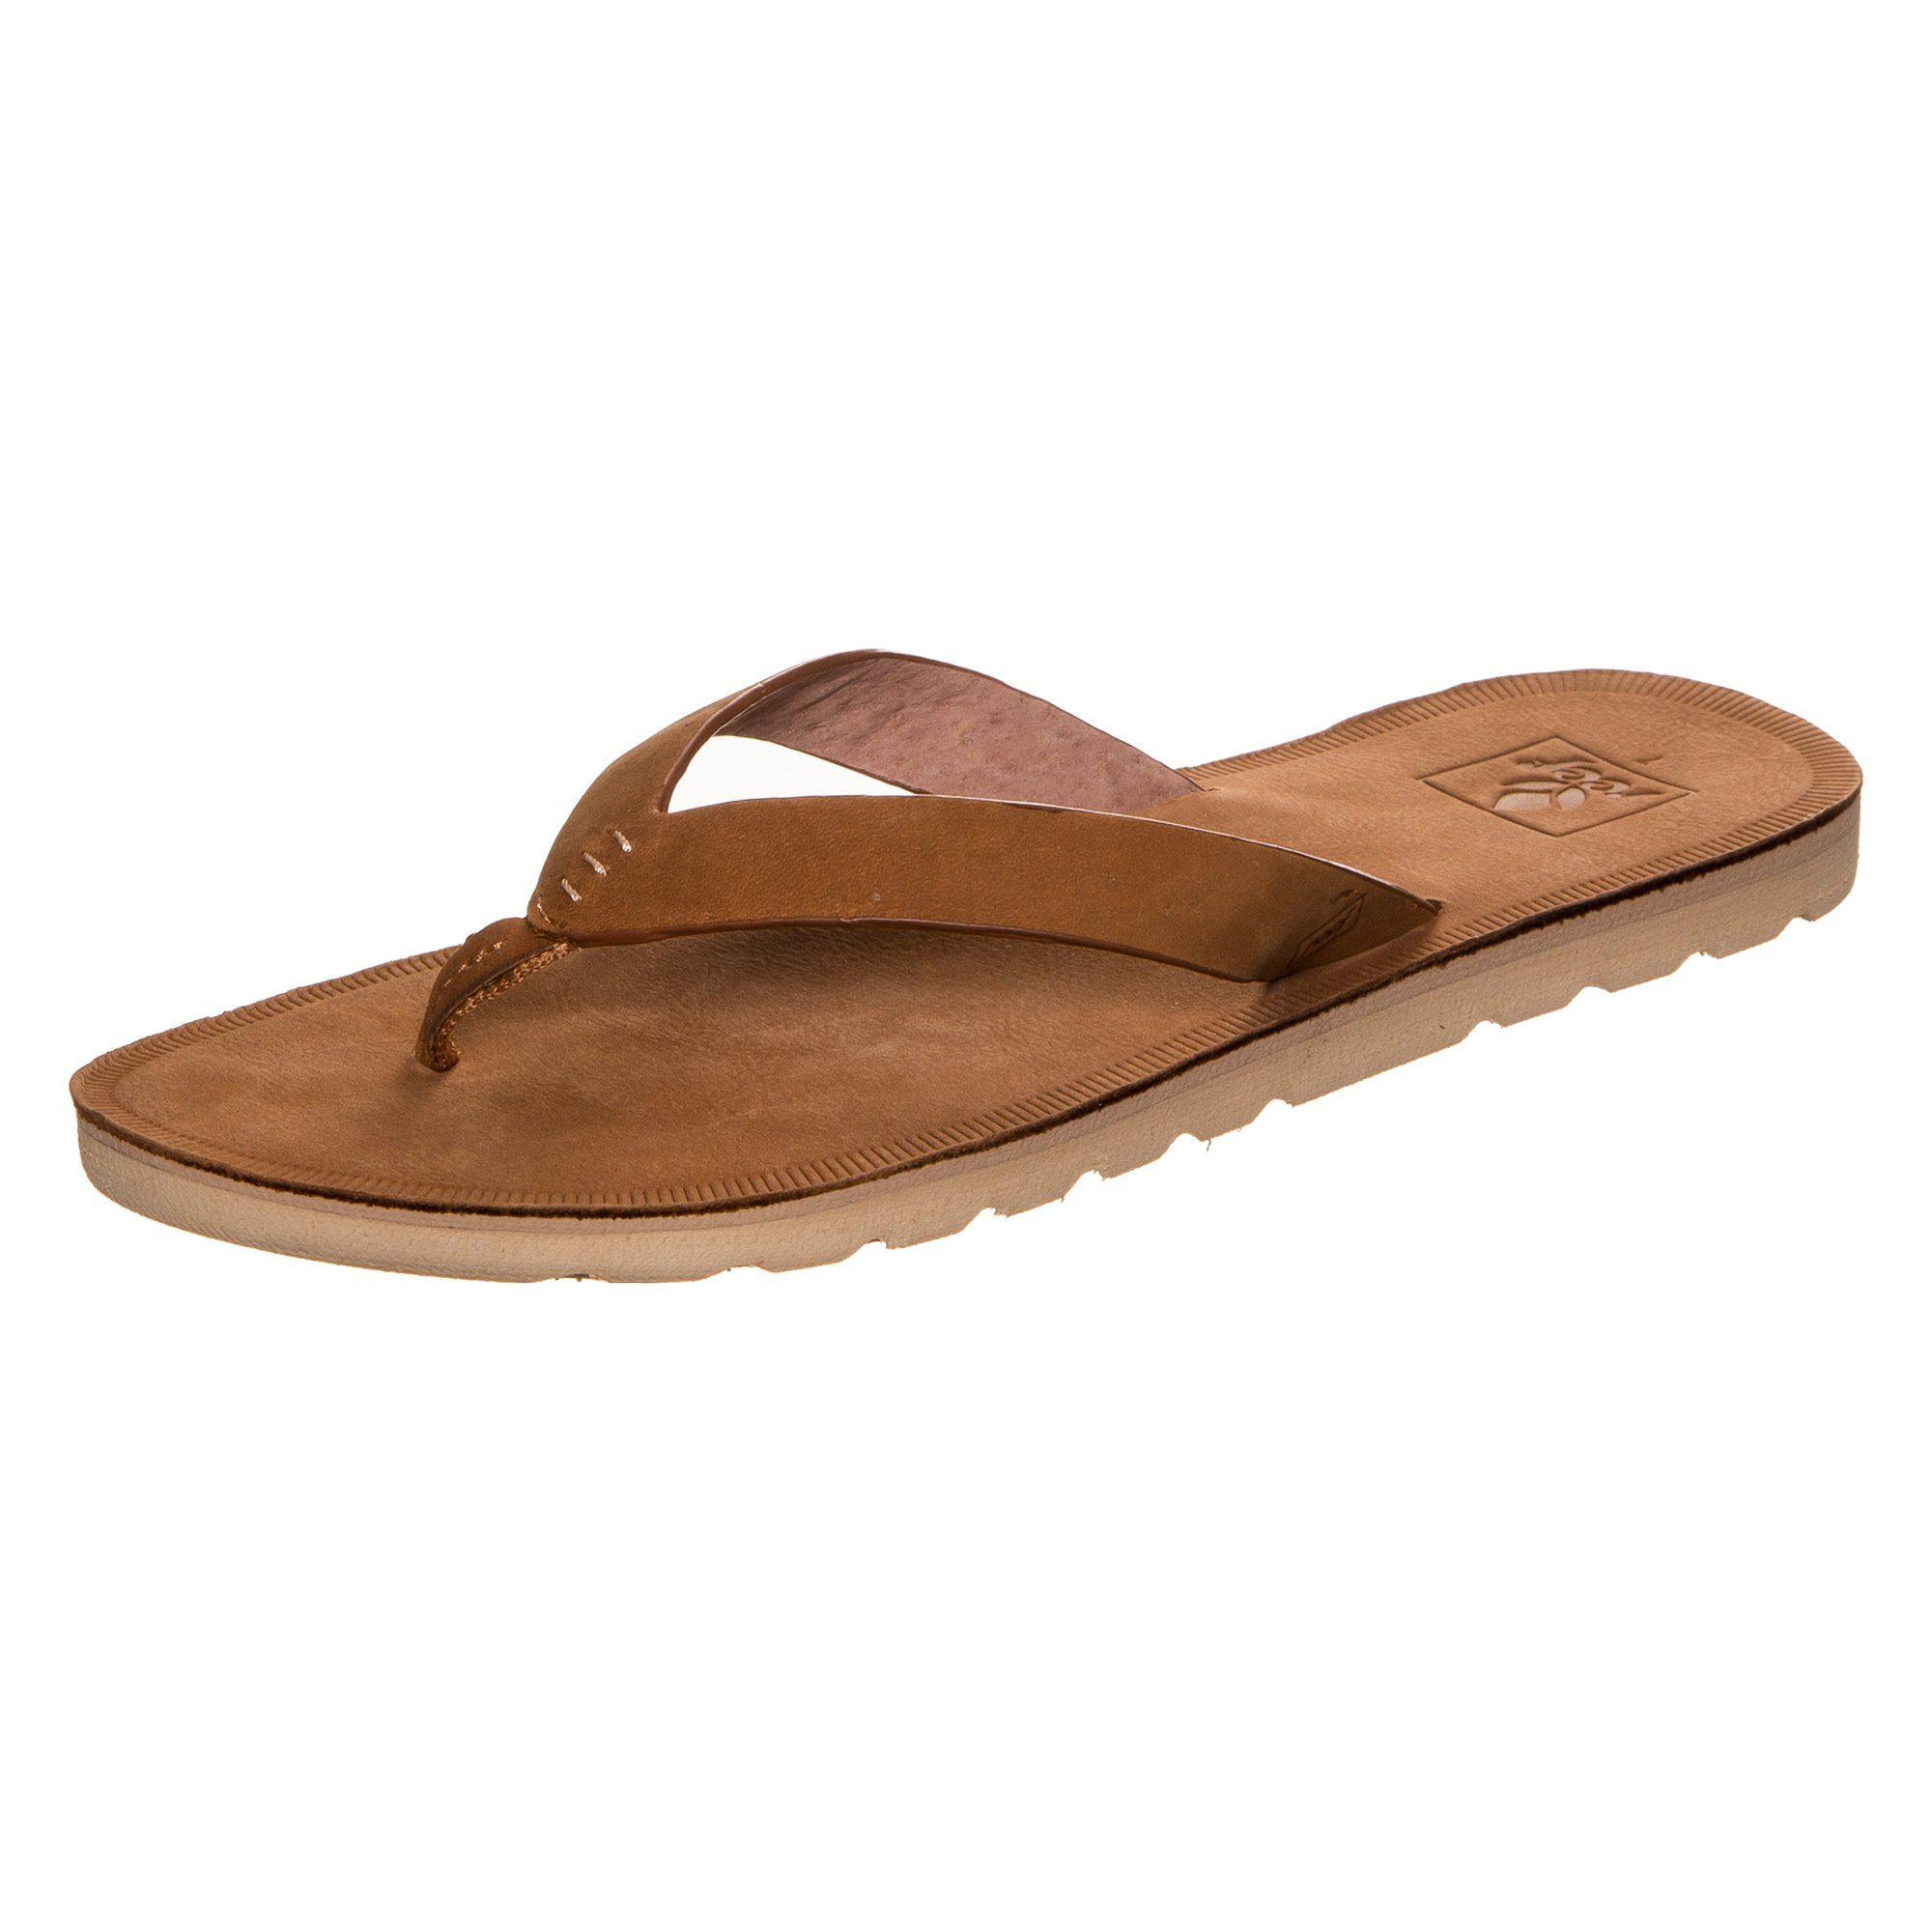 92f02c2f024f5e Reef Flip Flops Damen Preisvergleich • Die besten Angebote online kaufen  reef damen flip flops leder